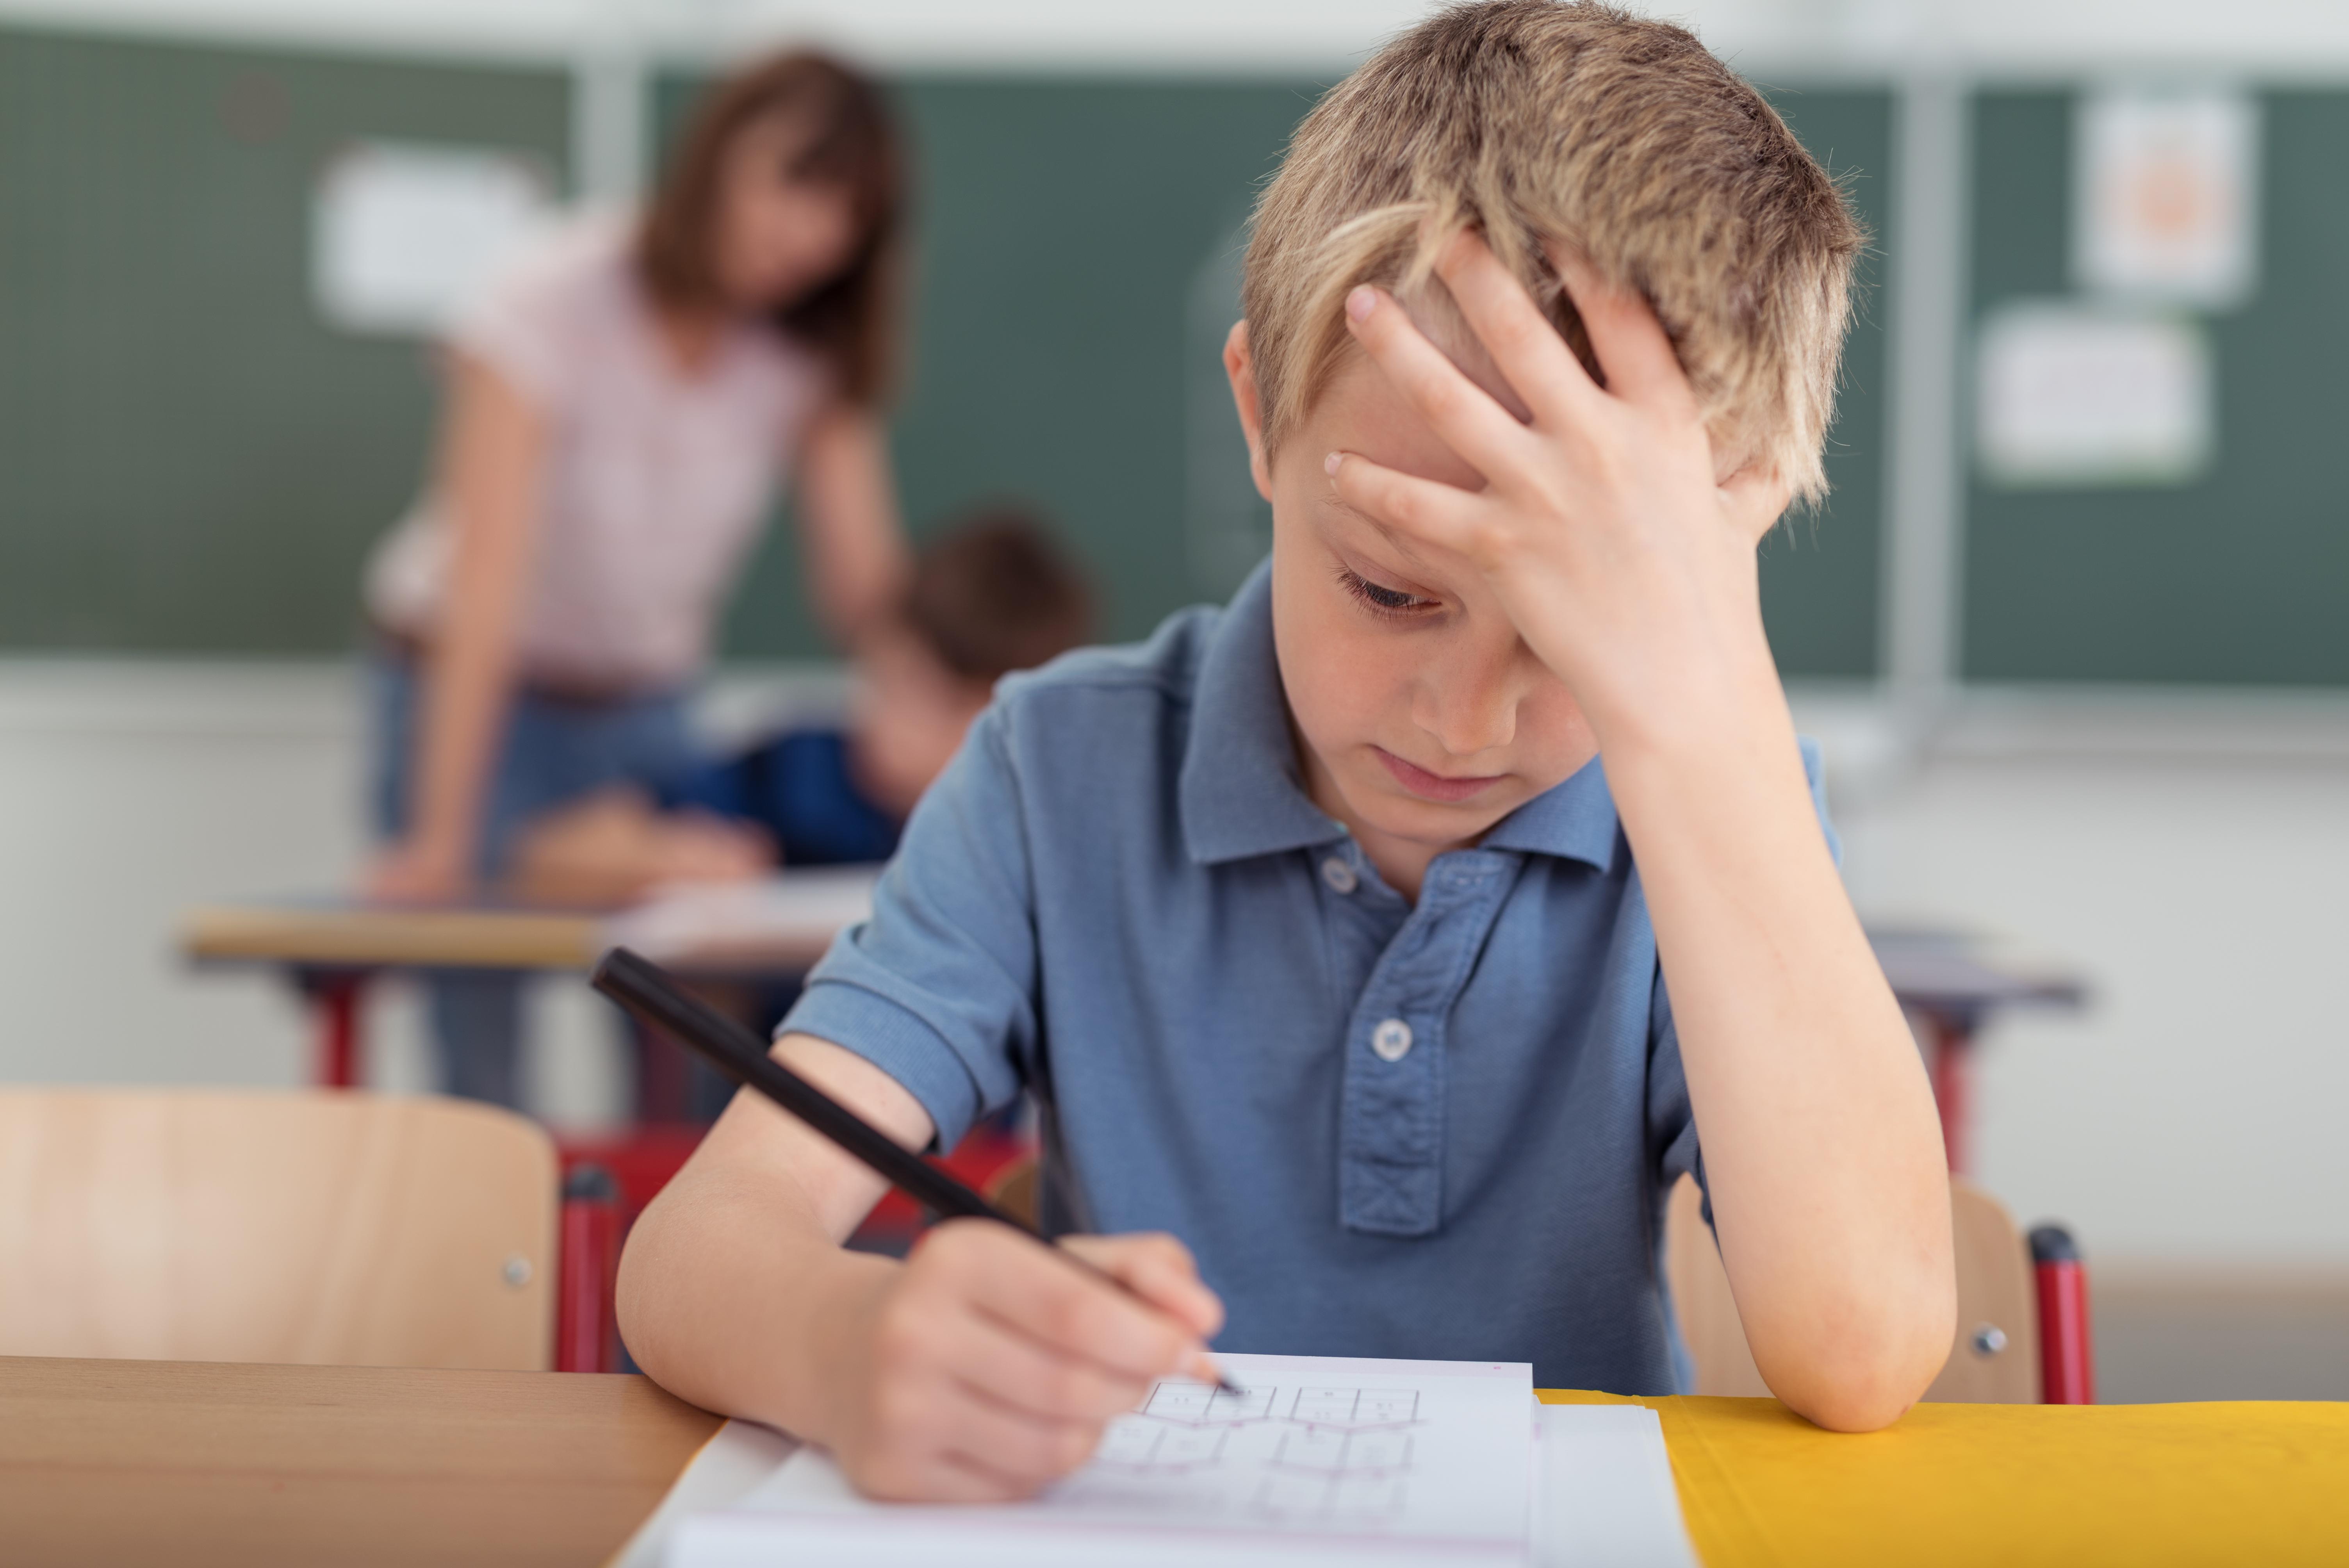 Ett barn som har en neuropsykiatrisk funktionsnedsättning kan uppleva sinnesintryck starkare än andra barn, exempelvis ljuden i ett klassrum.